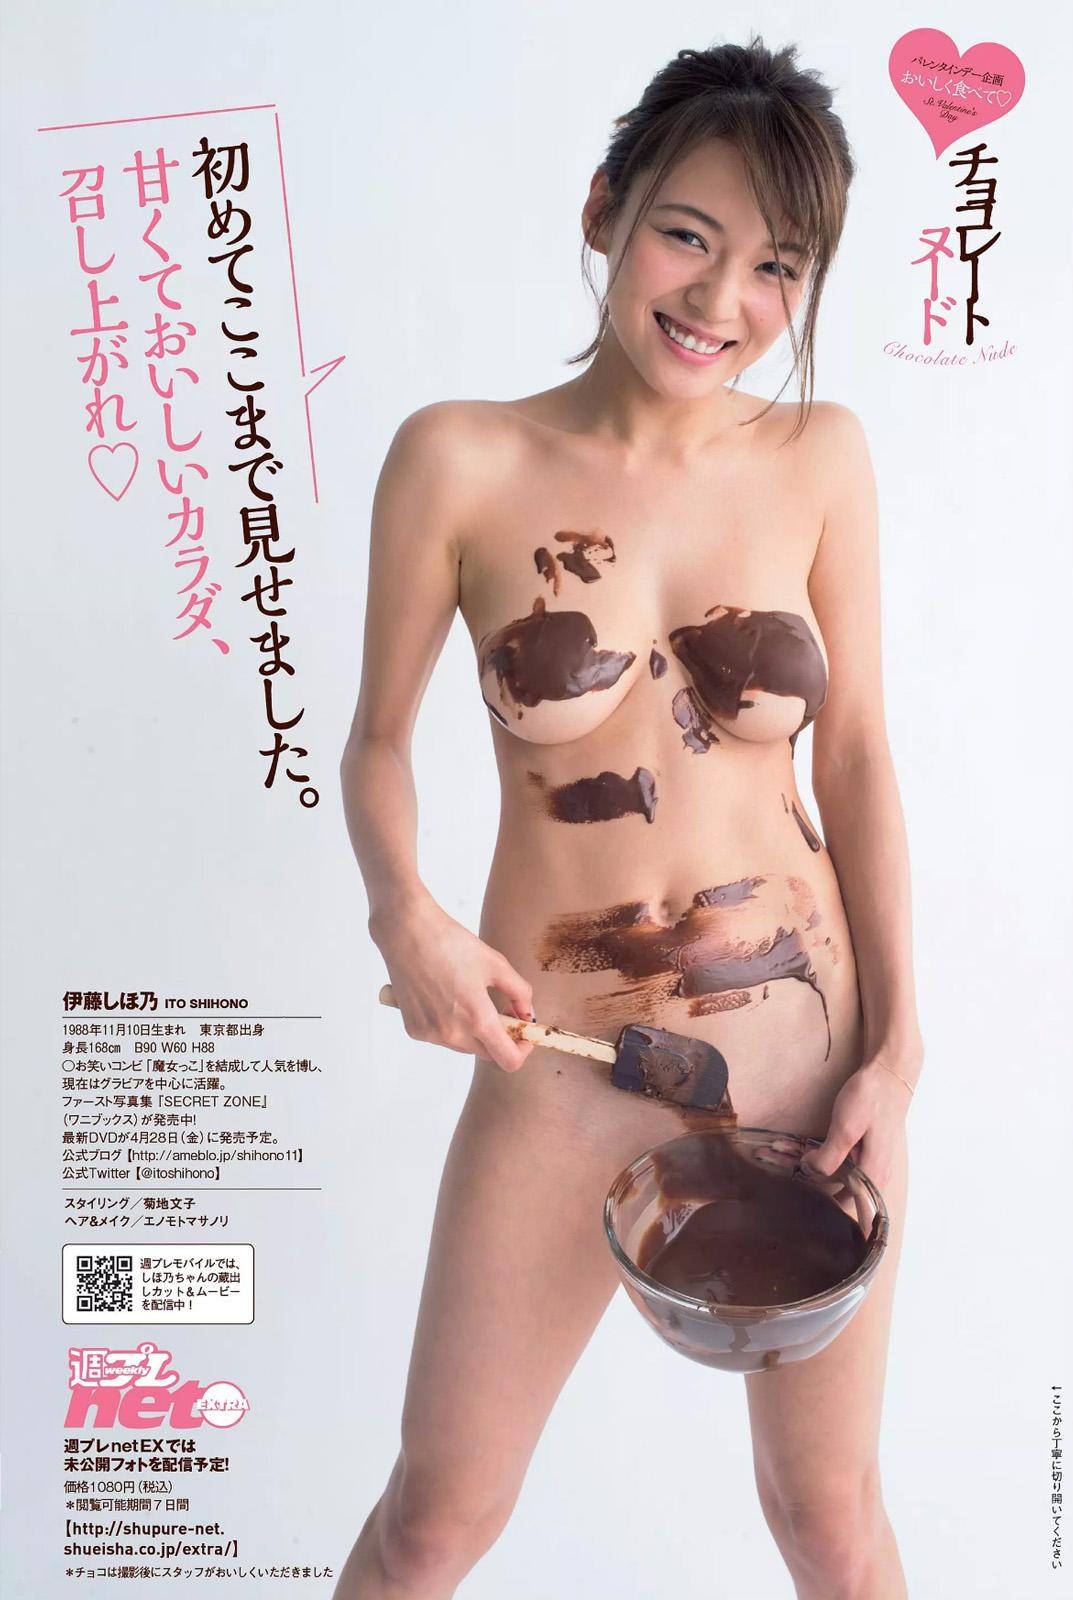 伊藤しほ乃(29)のヌードグラビア等抜けるエロ画像125枚・8枚目の画像